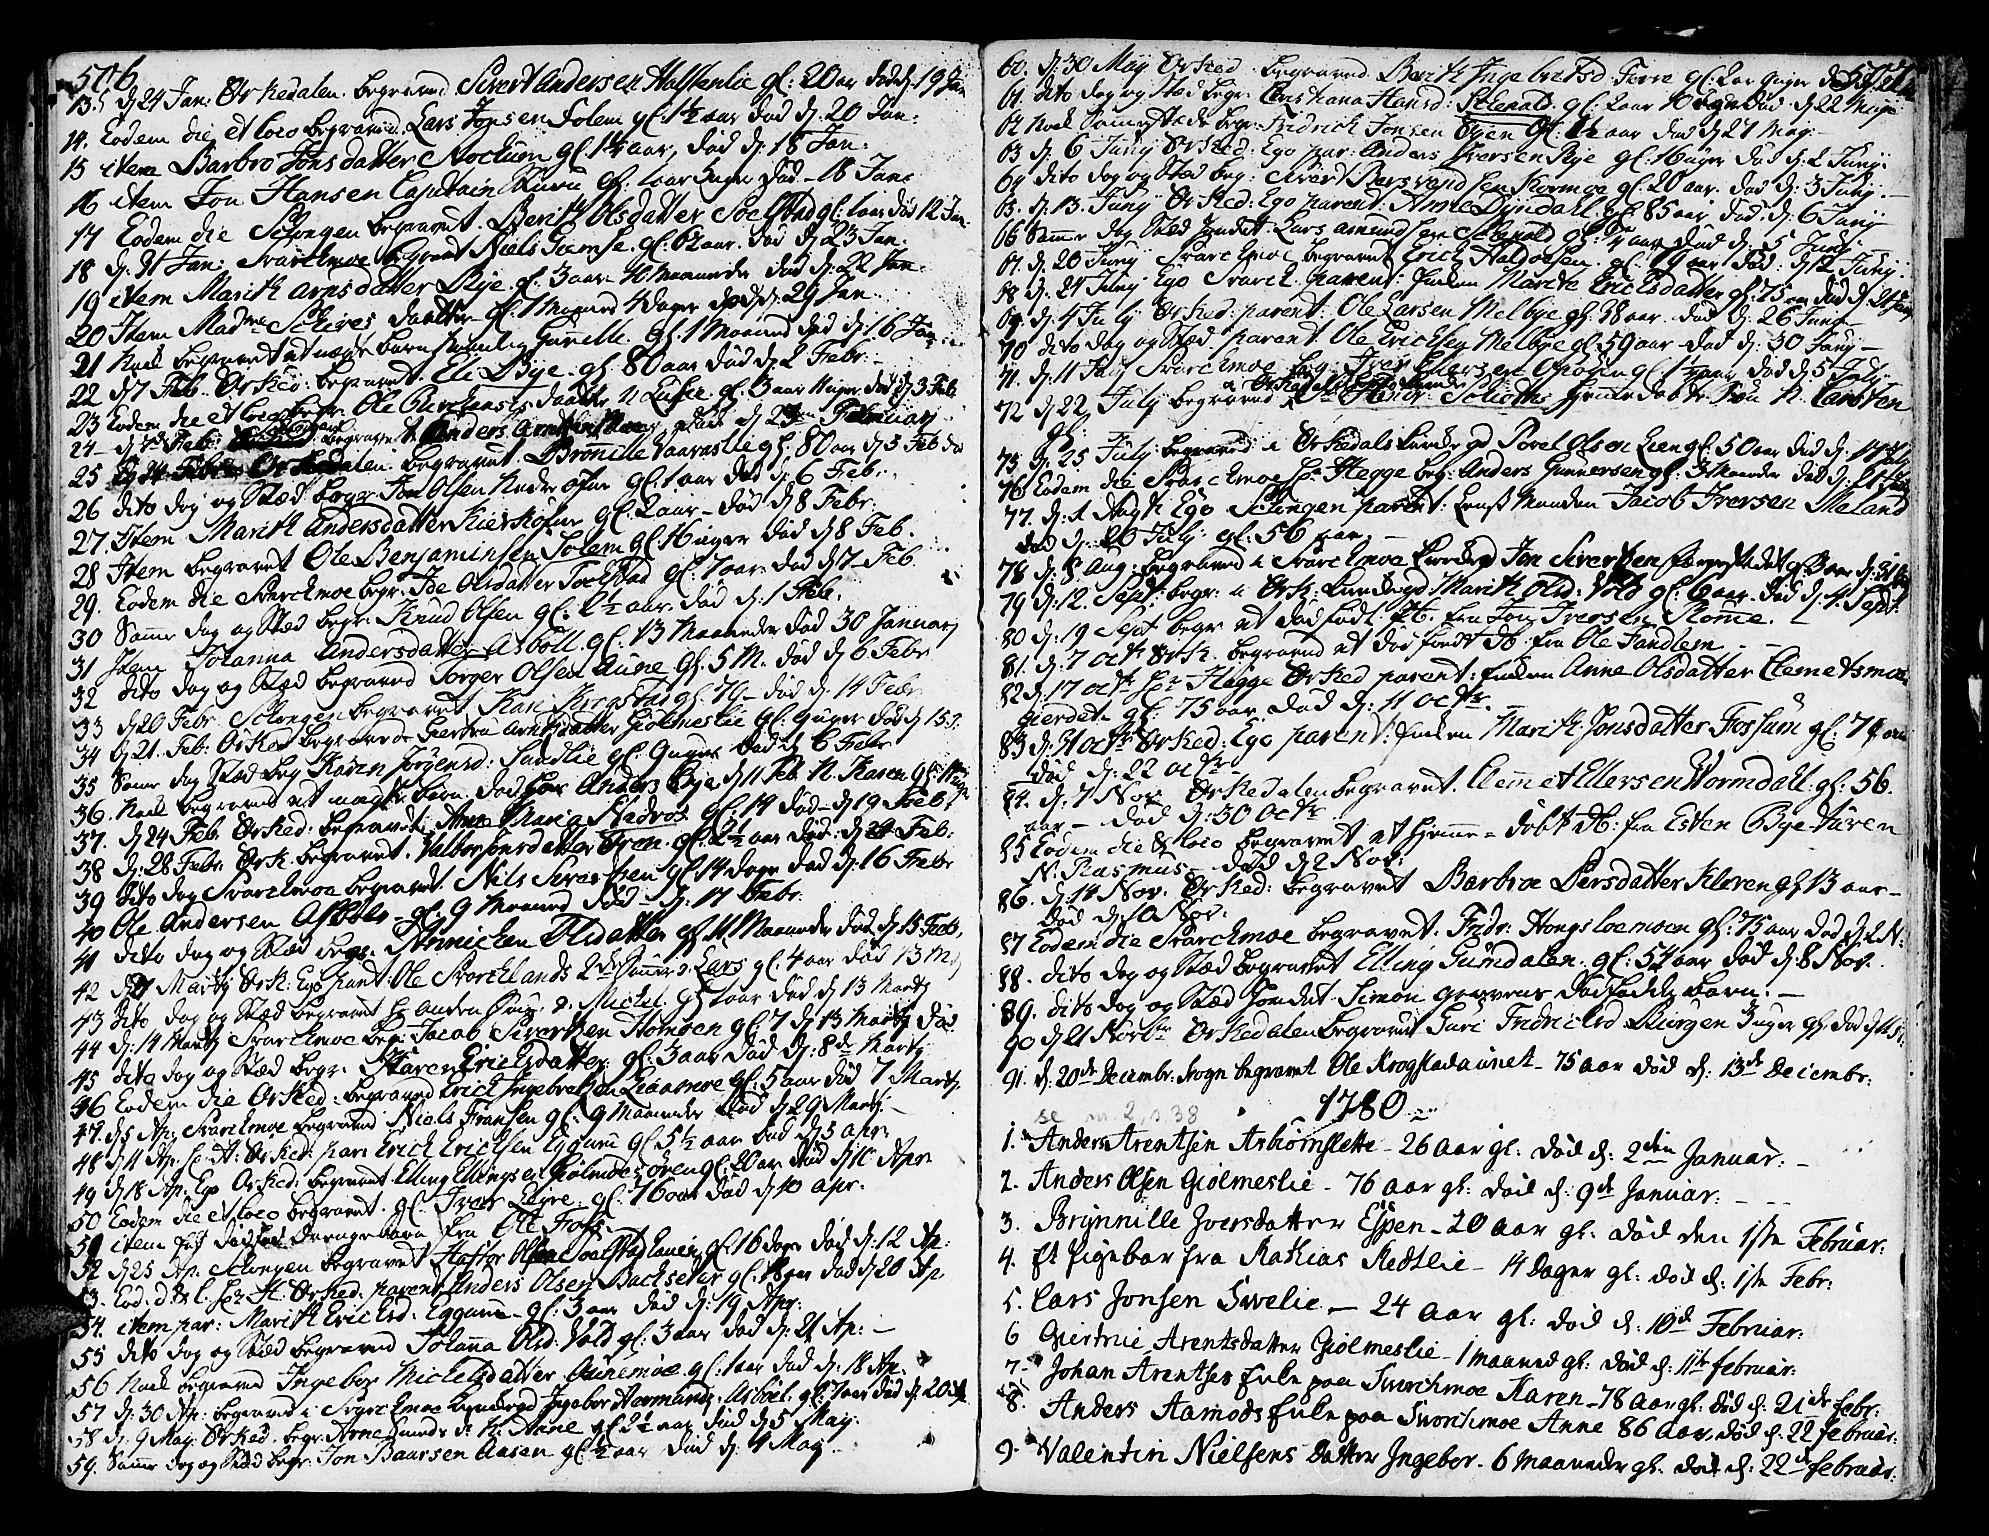 SAT, Ministerialprotokoller, klokkerbøker og fødselsregistre - Sør-Trøndelag, 668/L0802: Ministerialbok nr. 668A02, 1776-1799, s. 506-507